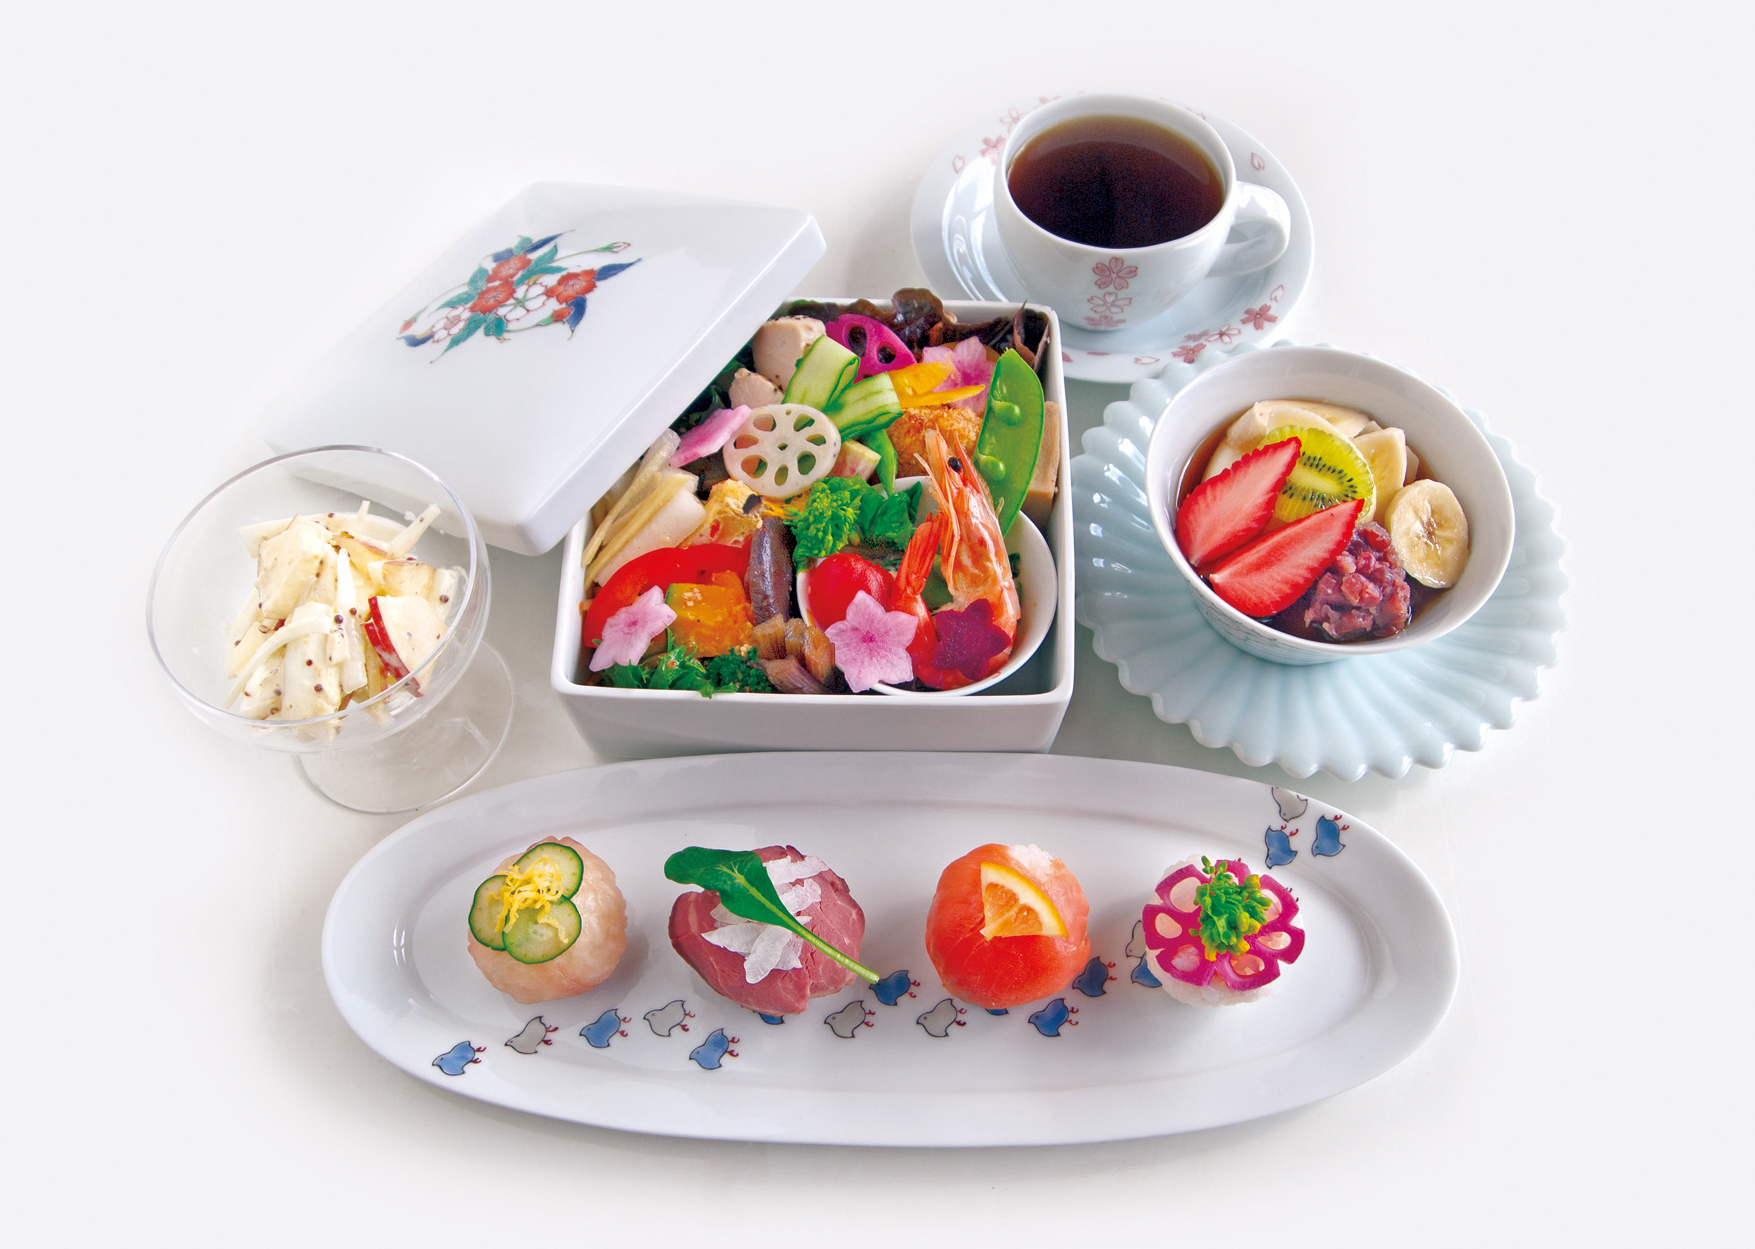 【十日喫茶】を開催いたします 3月27日(金)〜 4月5日(日)